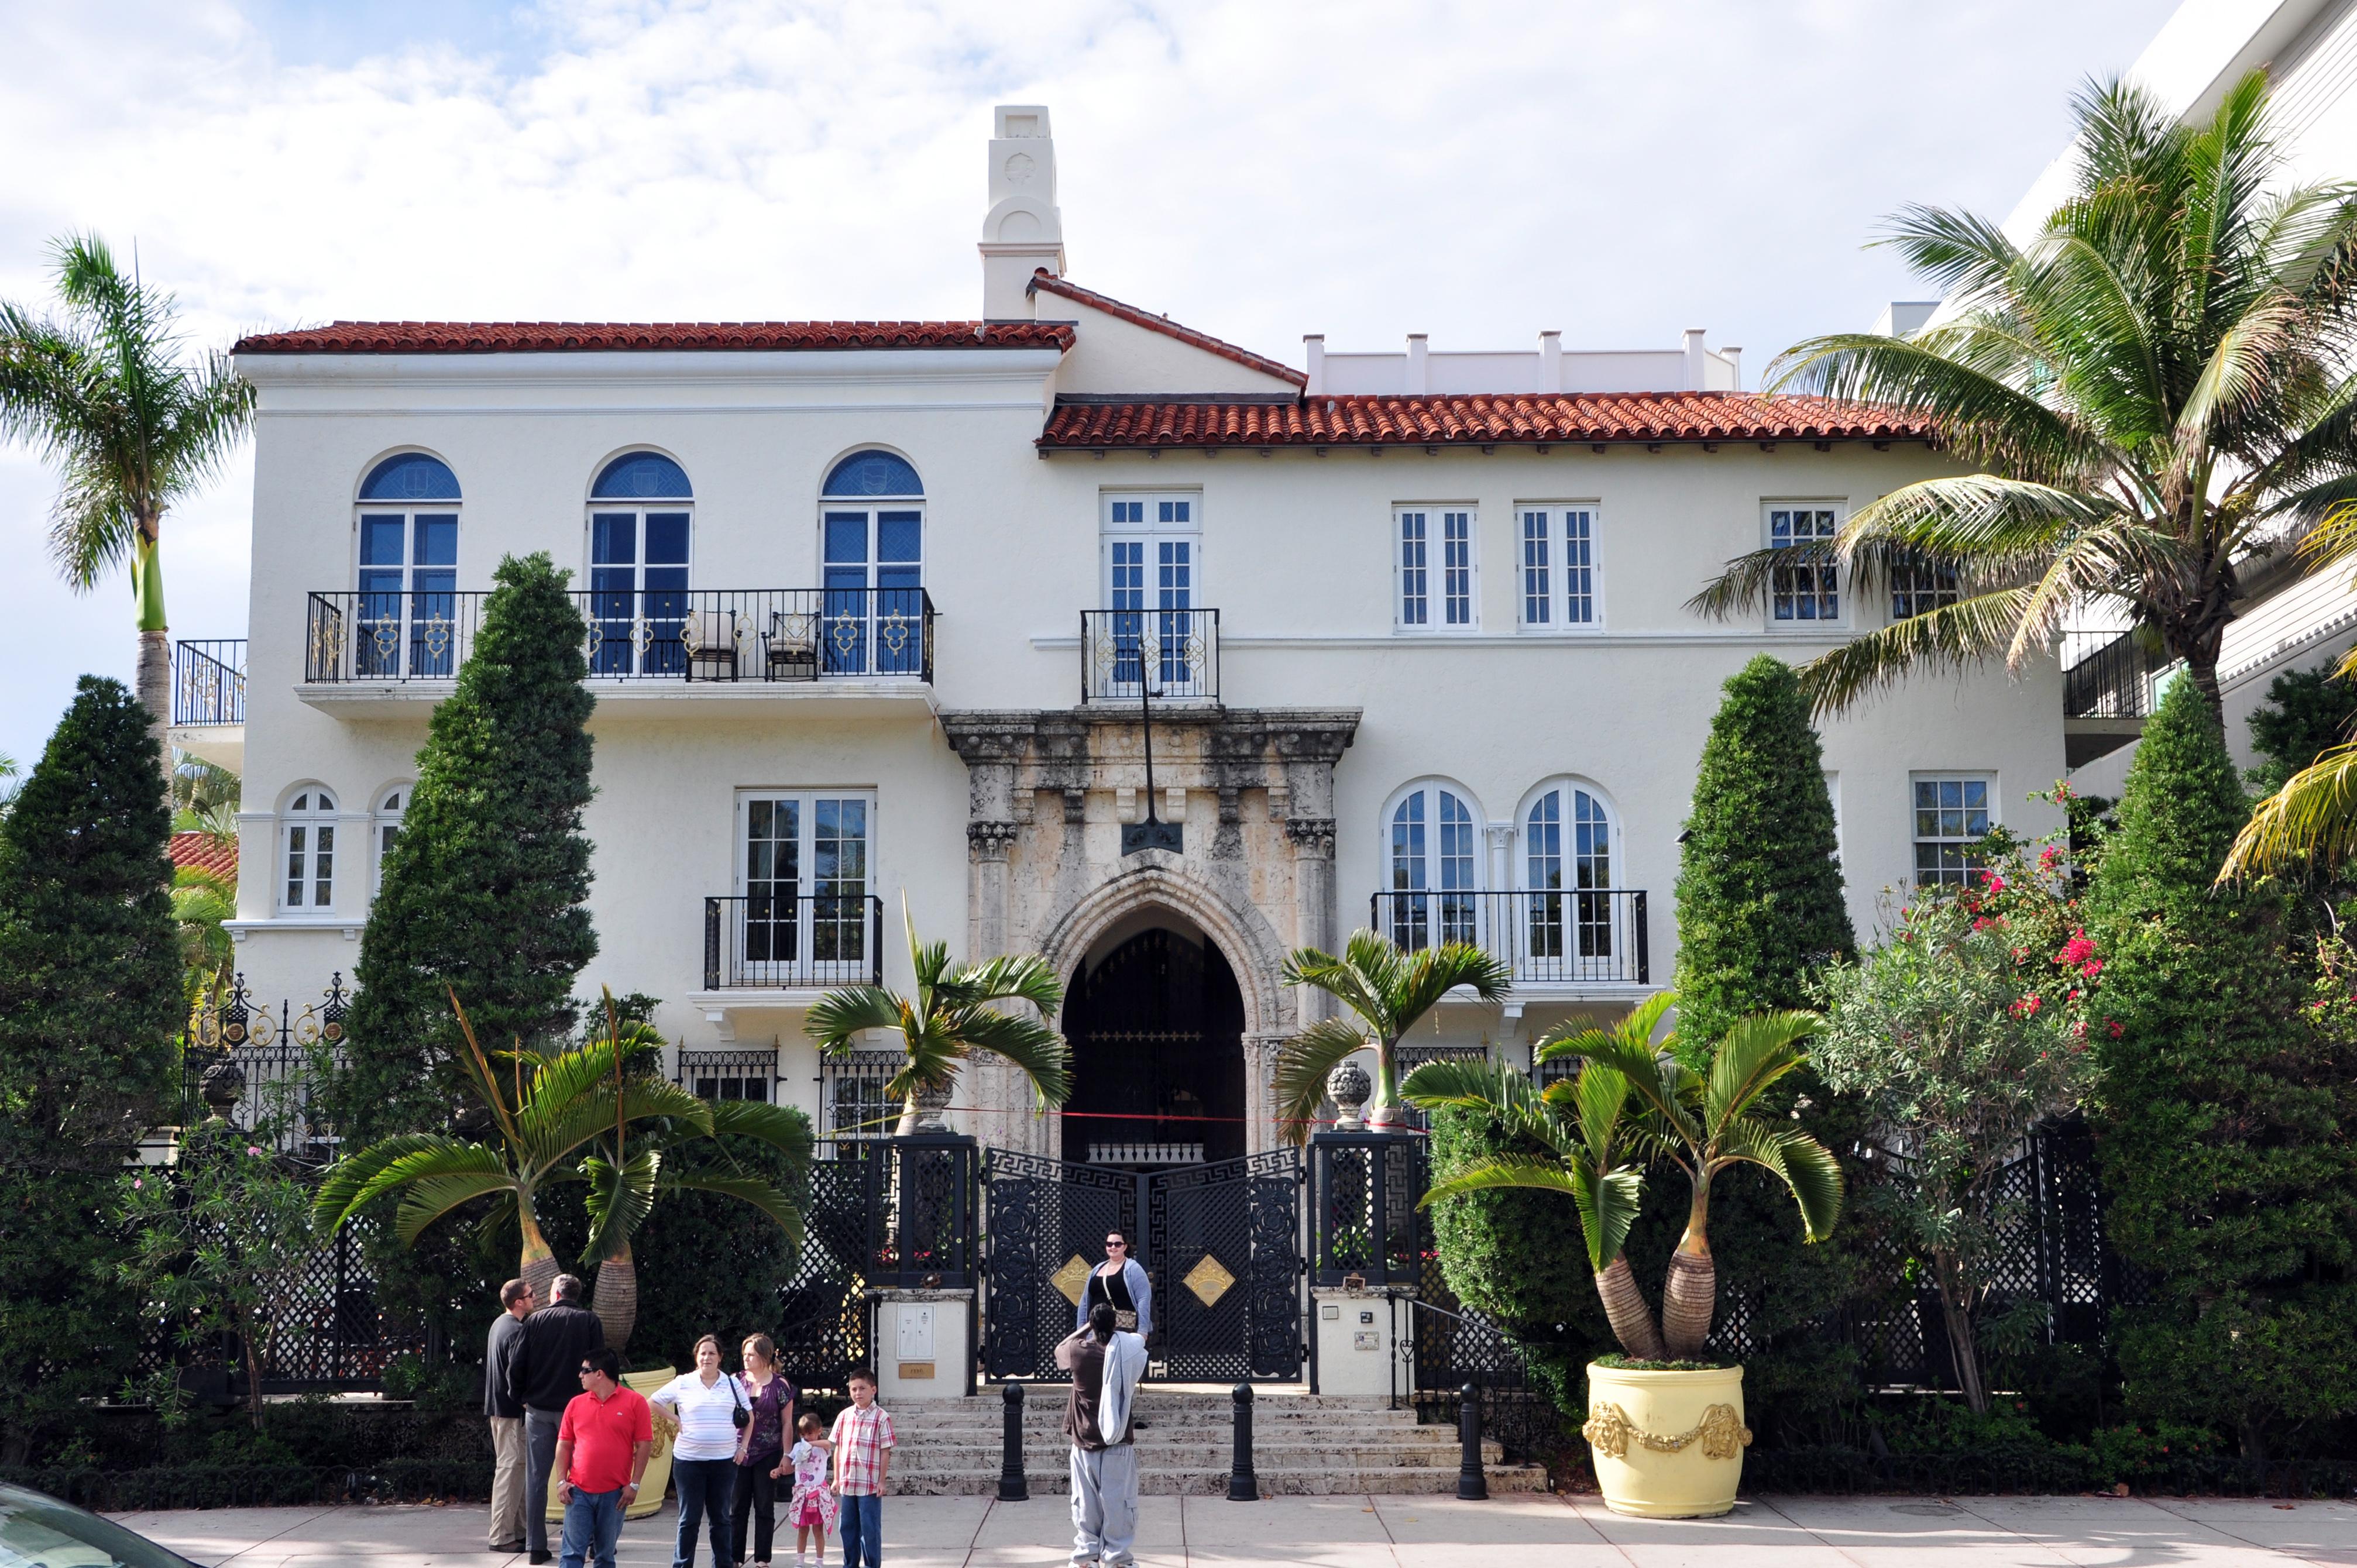 Casa Casuarina, la dimora di Gianni Versace, dove fu commesso il delitto